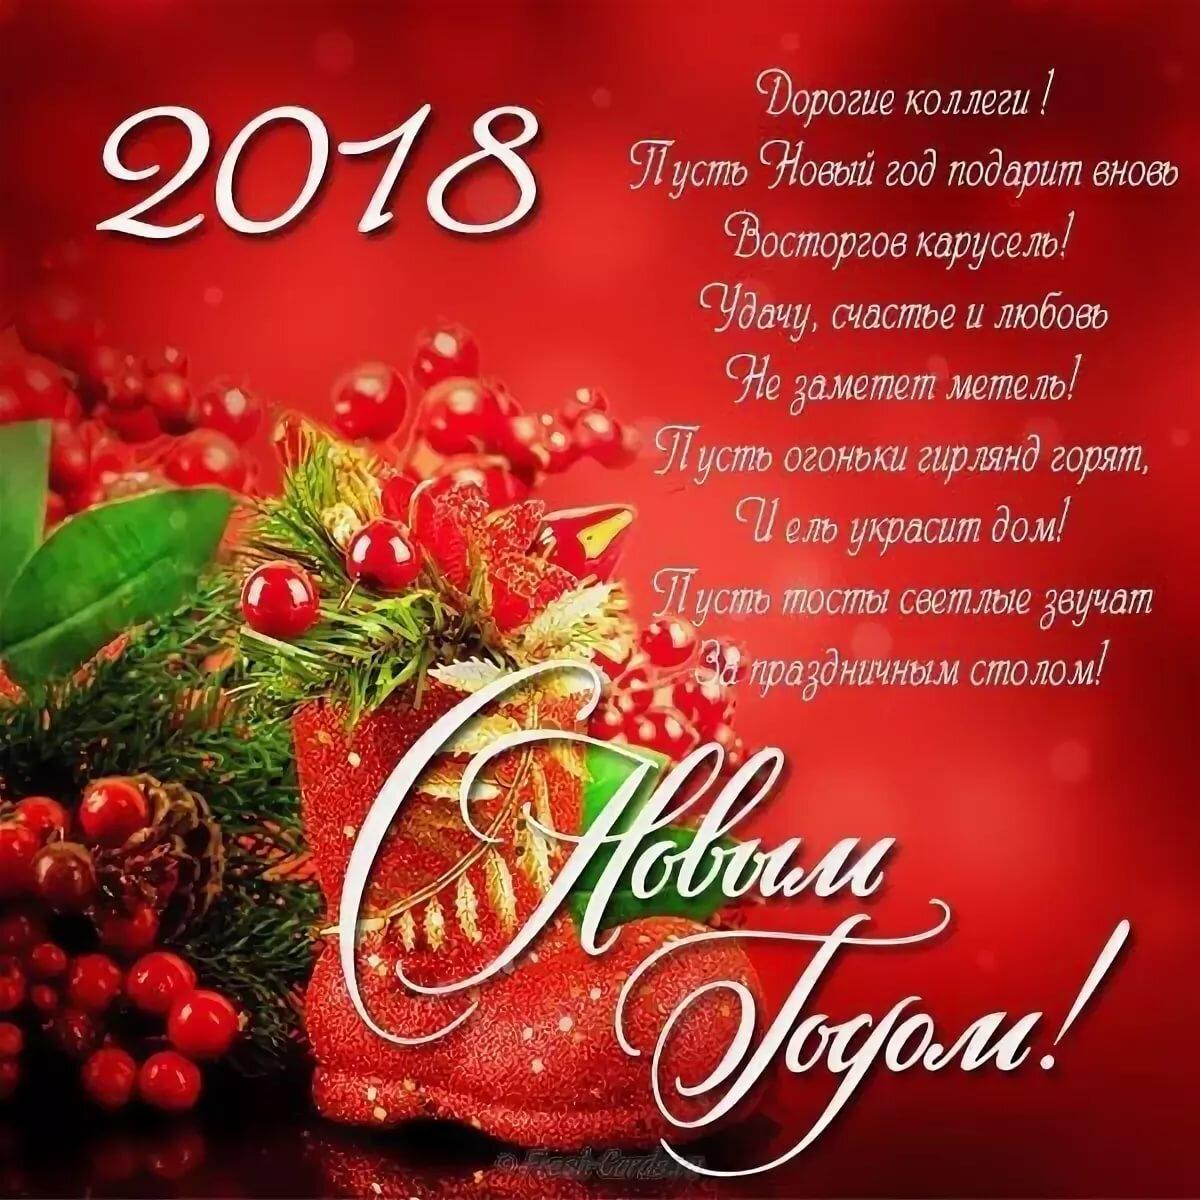 Любимой, открытка дорогие коллеги с новым годом